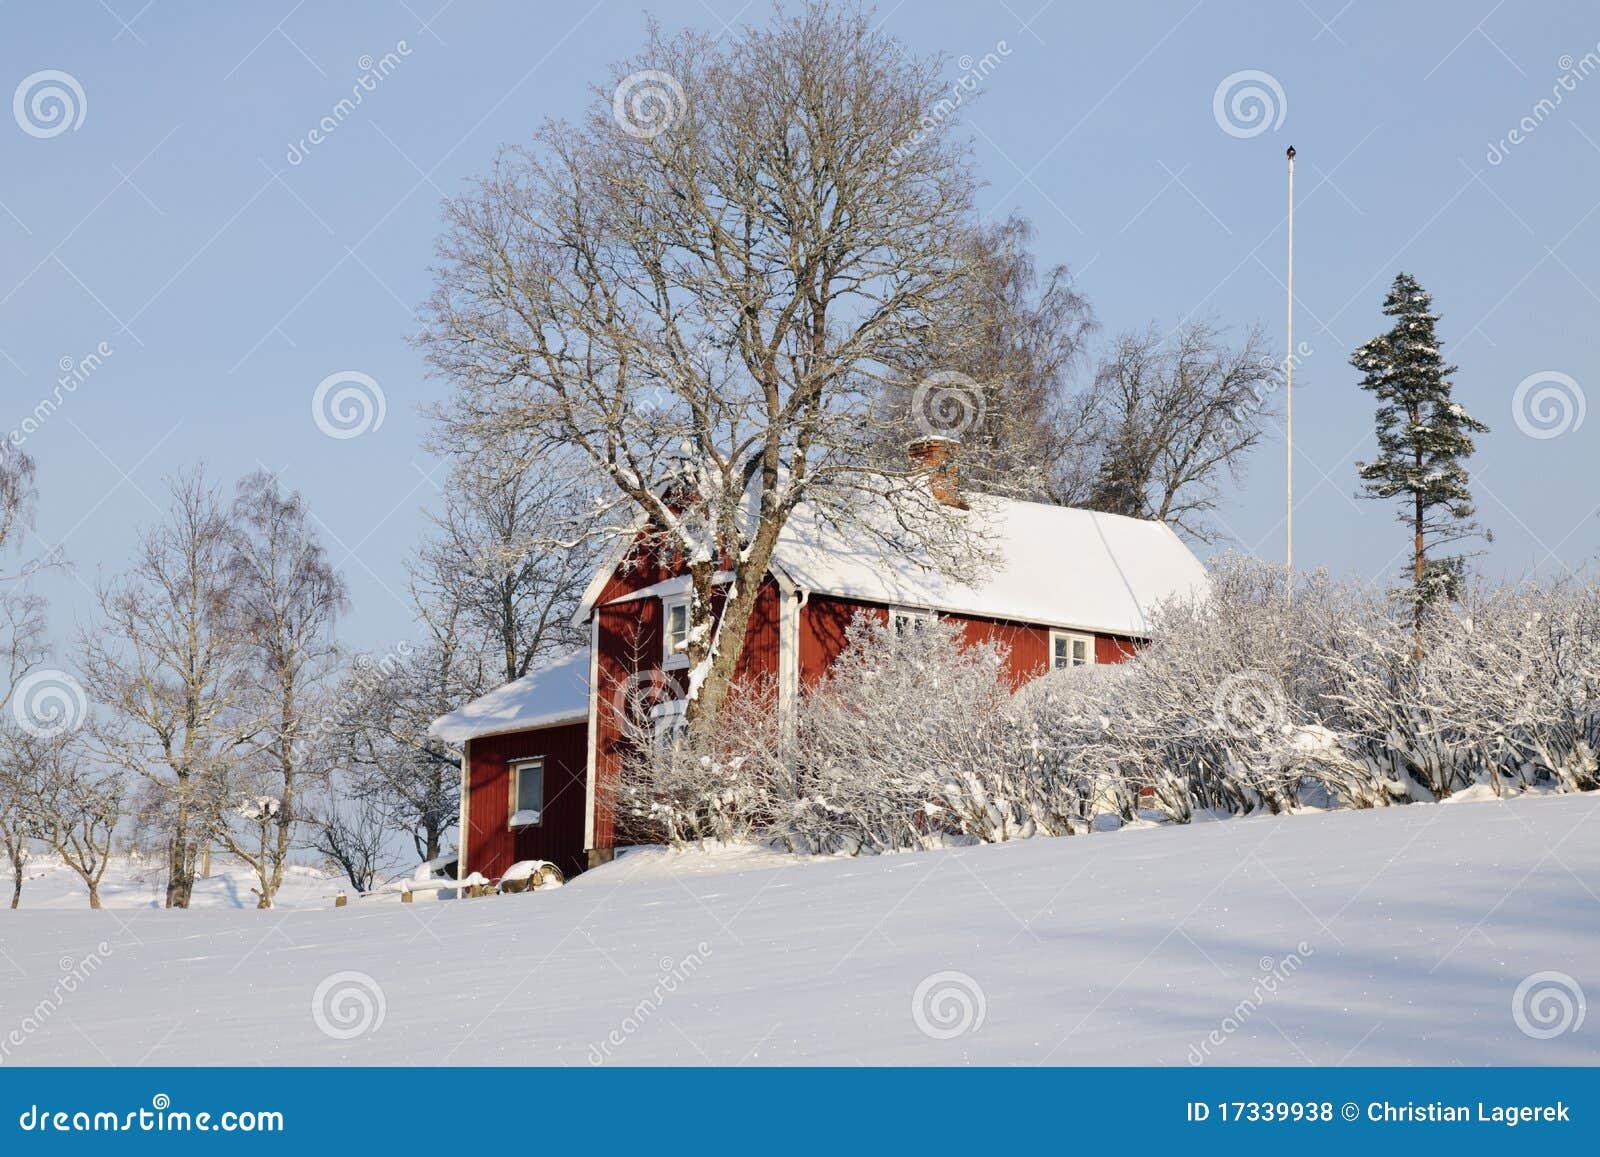 Caba a roja y paisaje del invierno fotos de archivo libres de regal as imagen 17339938 - Cabana invierno ...